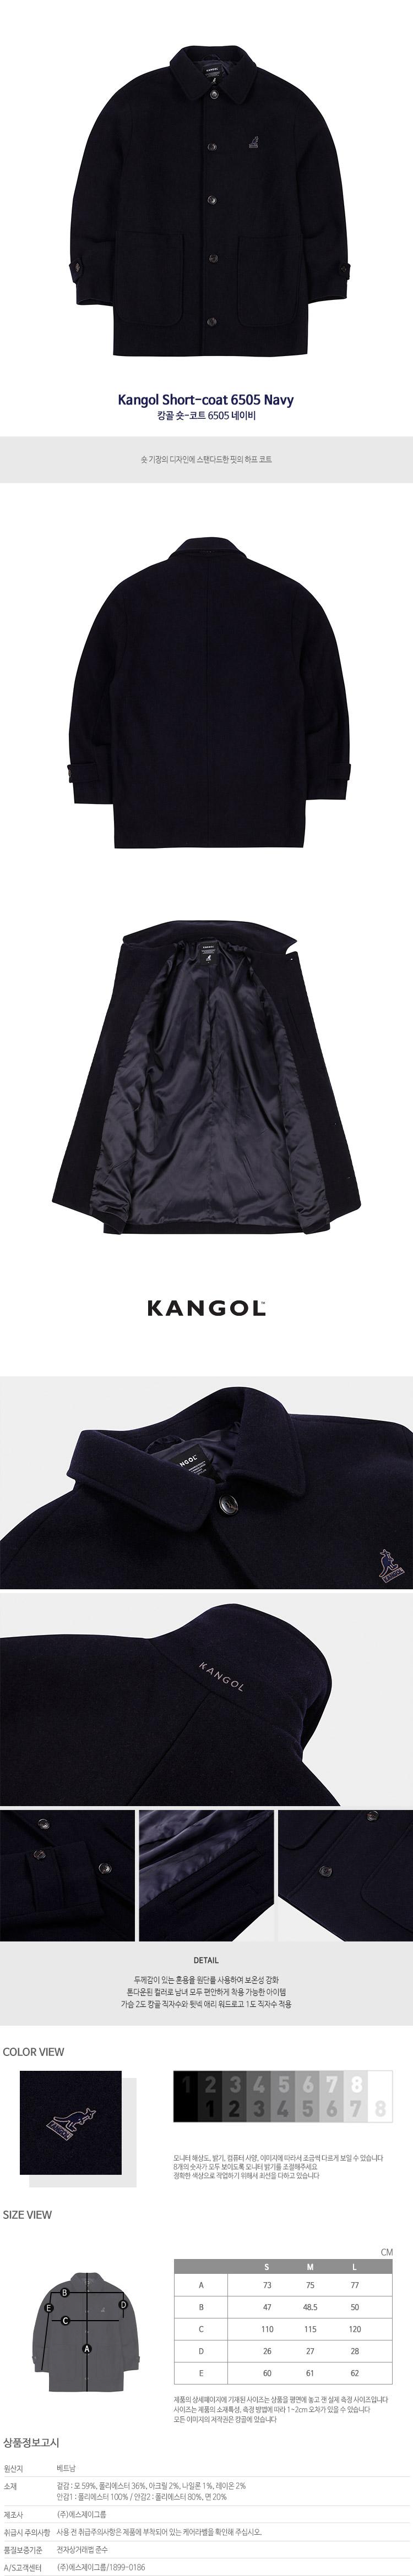 캉골 숏-코트 6505 네이비